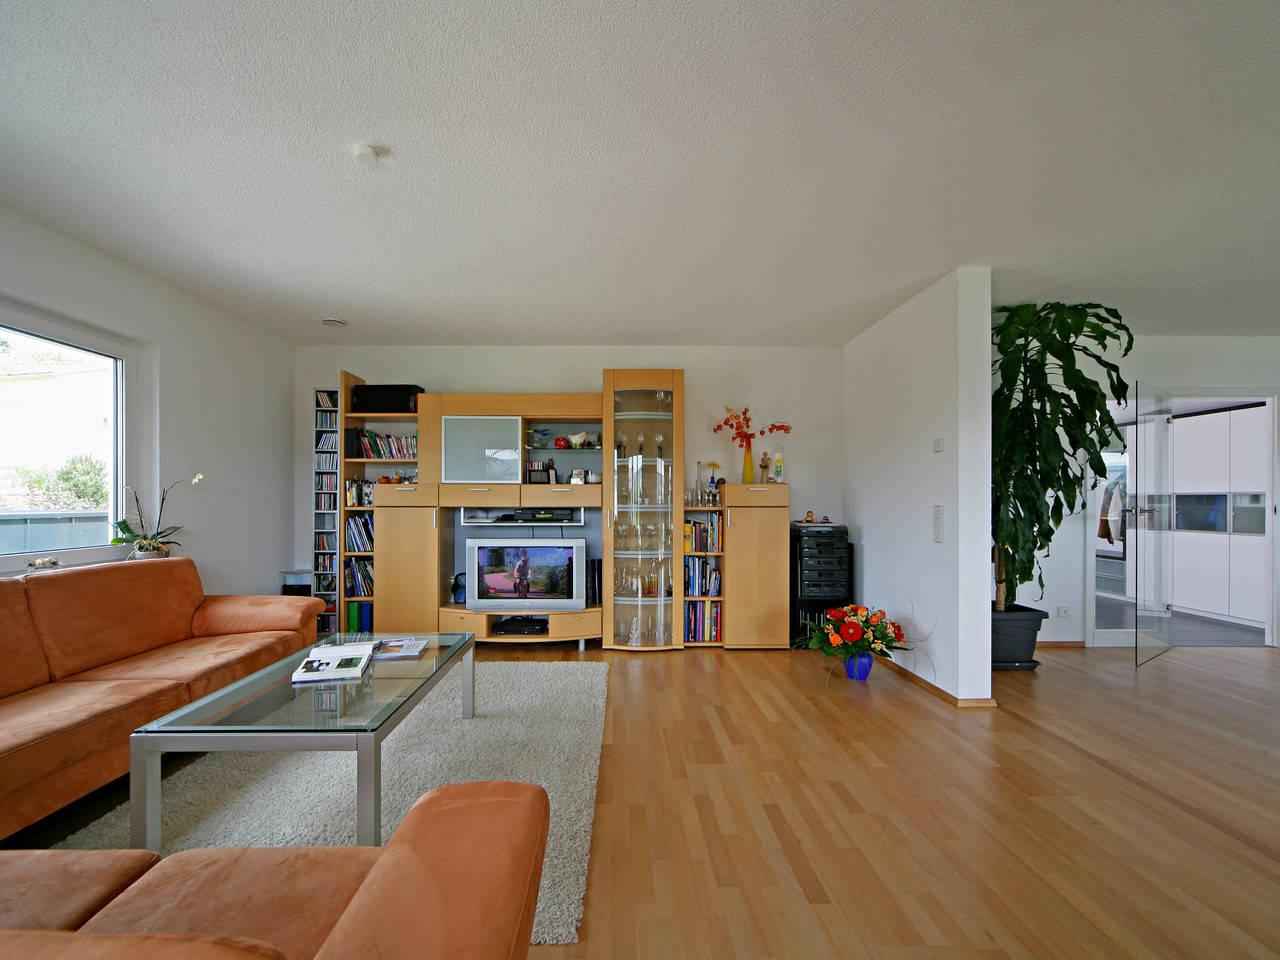 Haus Munk Wohnzimmer Fertighaus Weiss